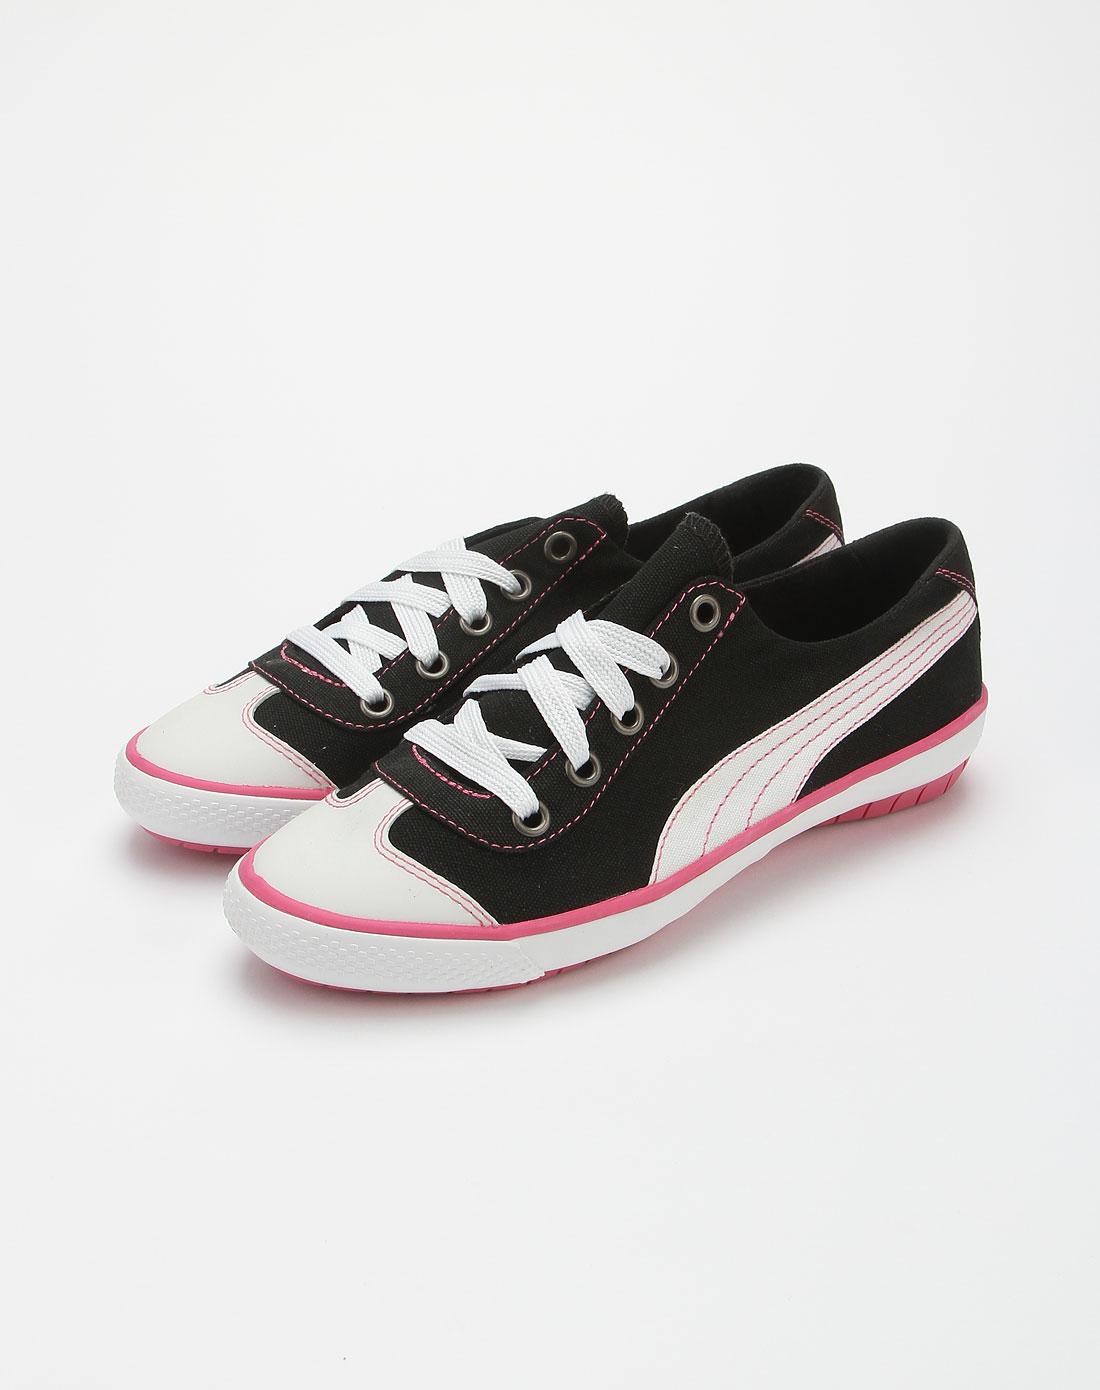 黑白色简约休闲帆布鞋